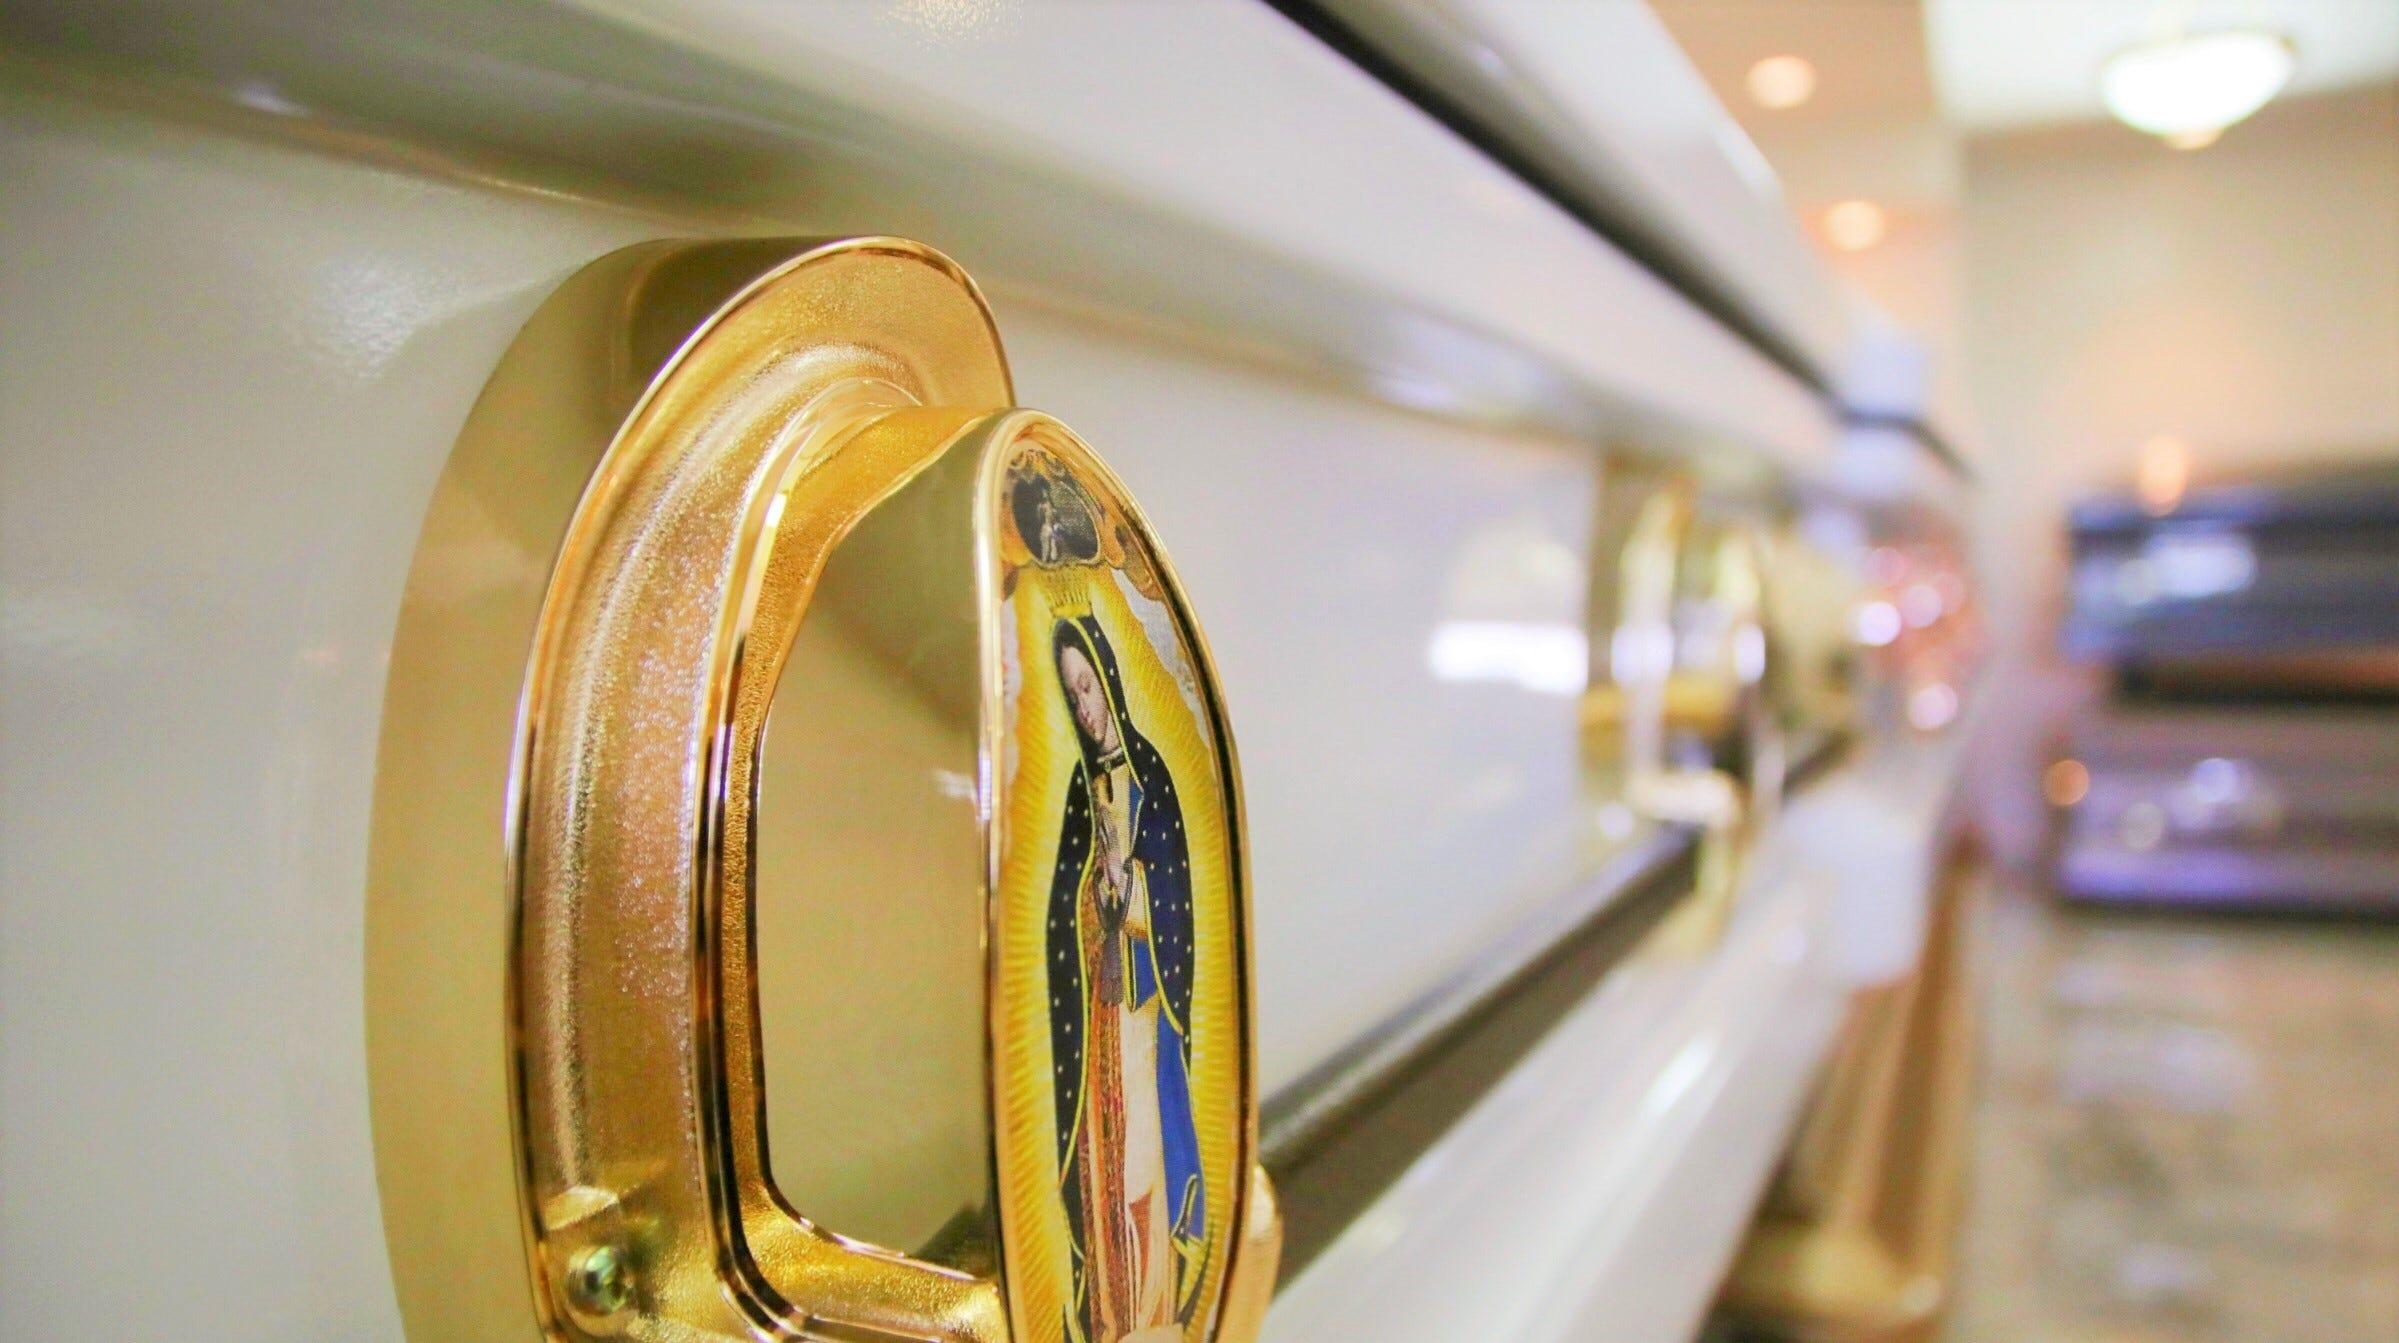 a4653bb8 9742 487a 927d aebb50c03a03 Decal of a casket at Our Lady of Peace in Barrigada 2 JPG?crop=2399,1343,x0,y0&width=2399&height=1343&format=pjpg&auto=webp.